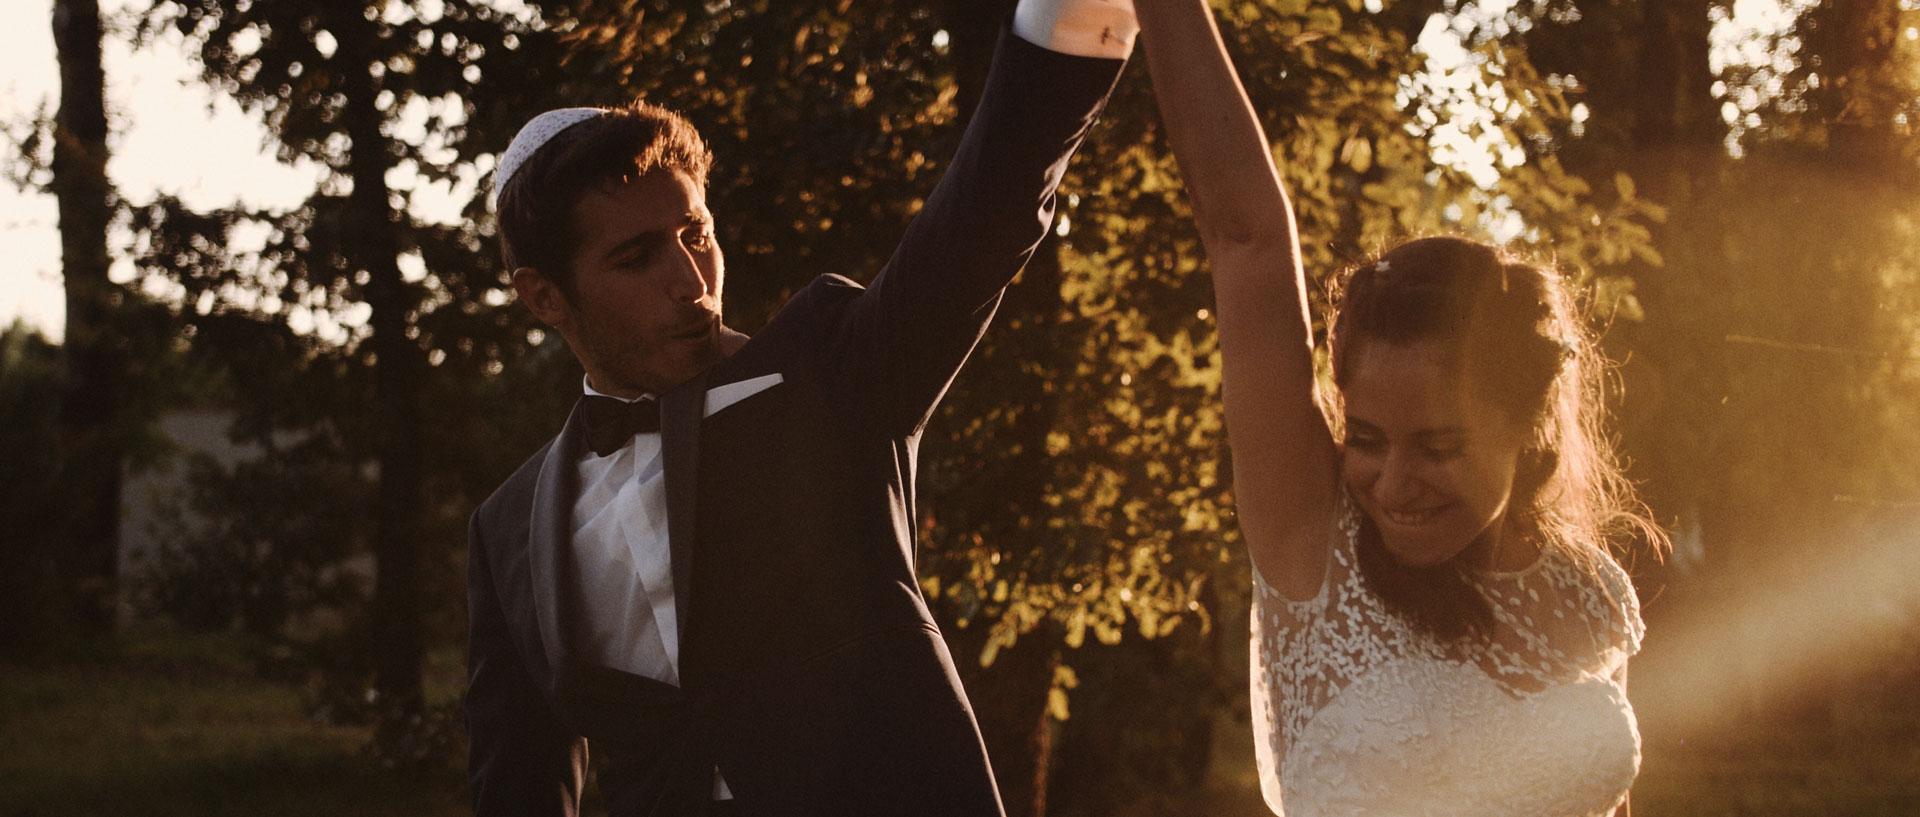 Laurie & Kevin - Somptueux mariage festifChâteau de la Garrigue - Villemur sur Tarn